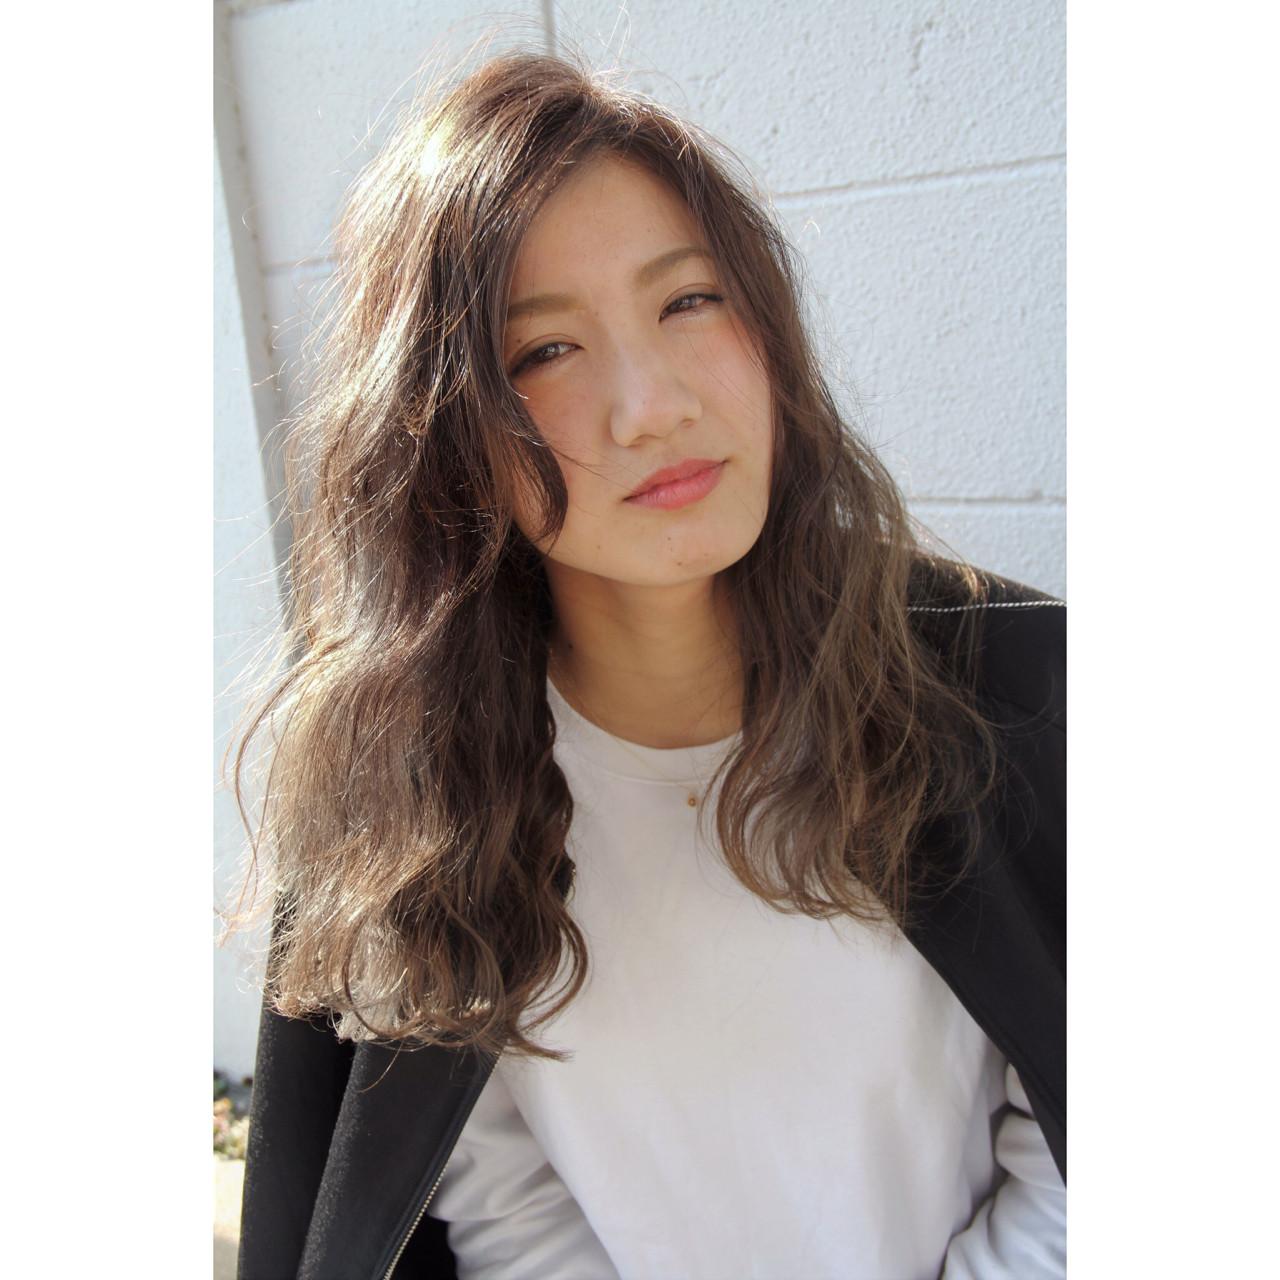 アッシュベージュ 外国人風 アッシュグレージュ ロング ヘアスタイルや髪型の写真・画像 | 米澤俊輔 / VANCOUNCIL金山